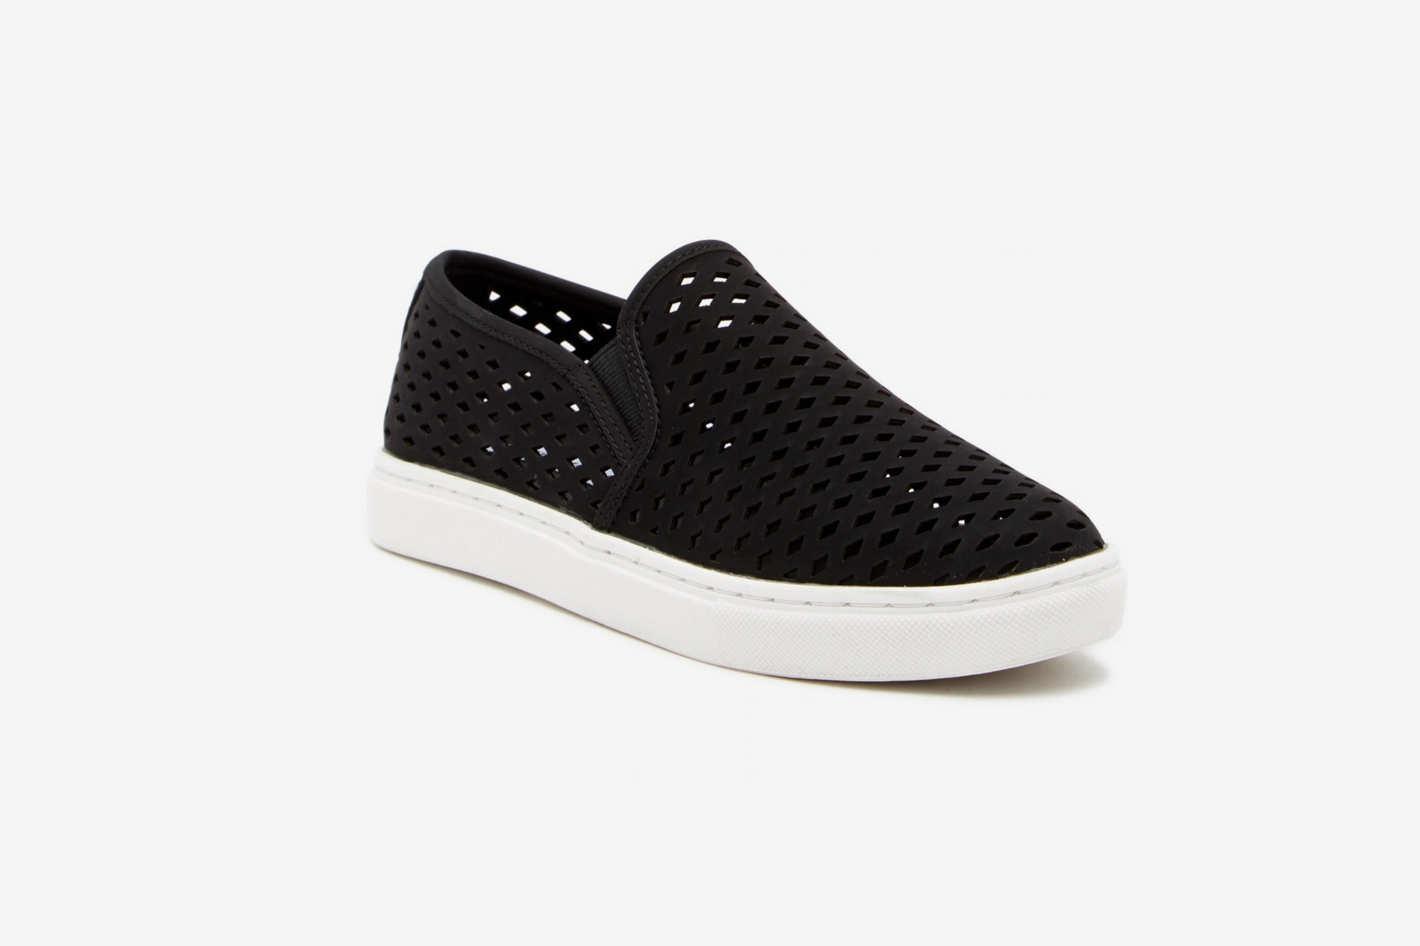 Steve Madden Zeena Slip-On Sneakers